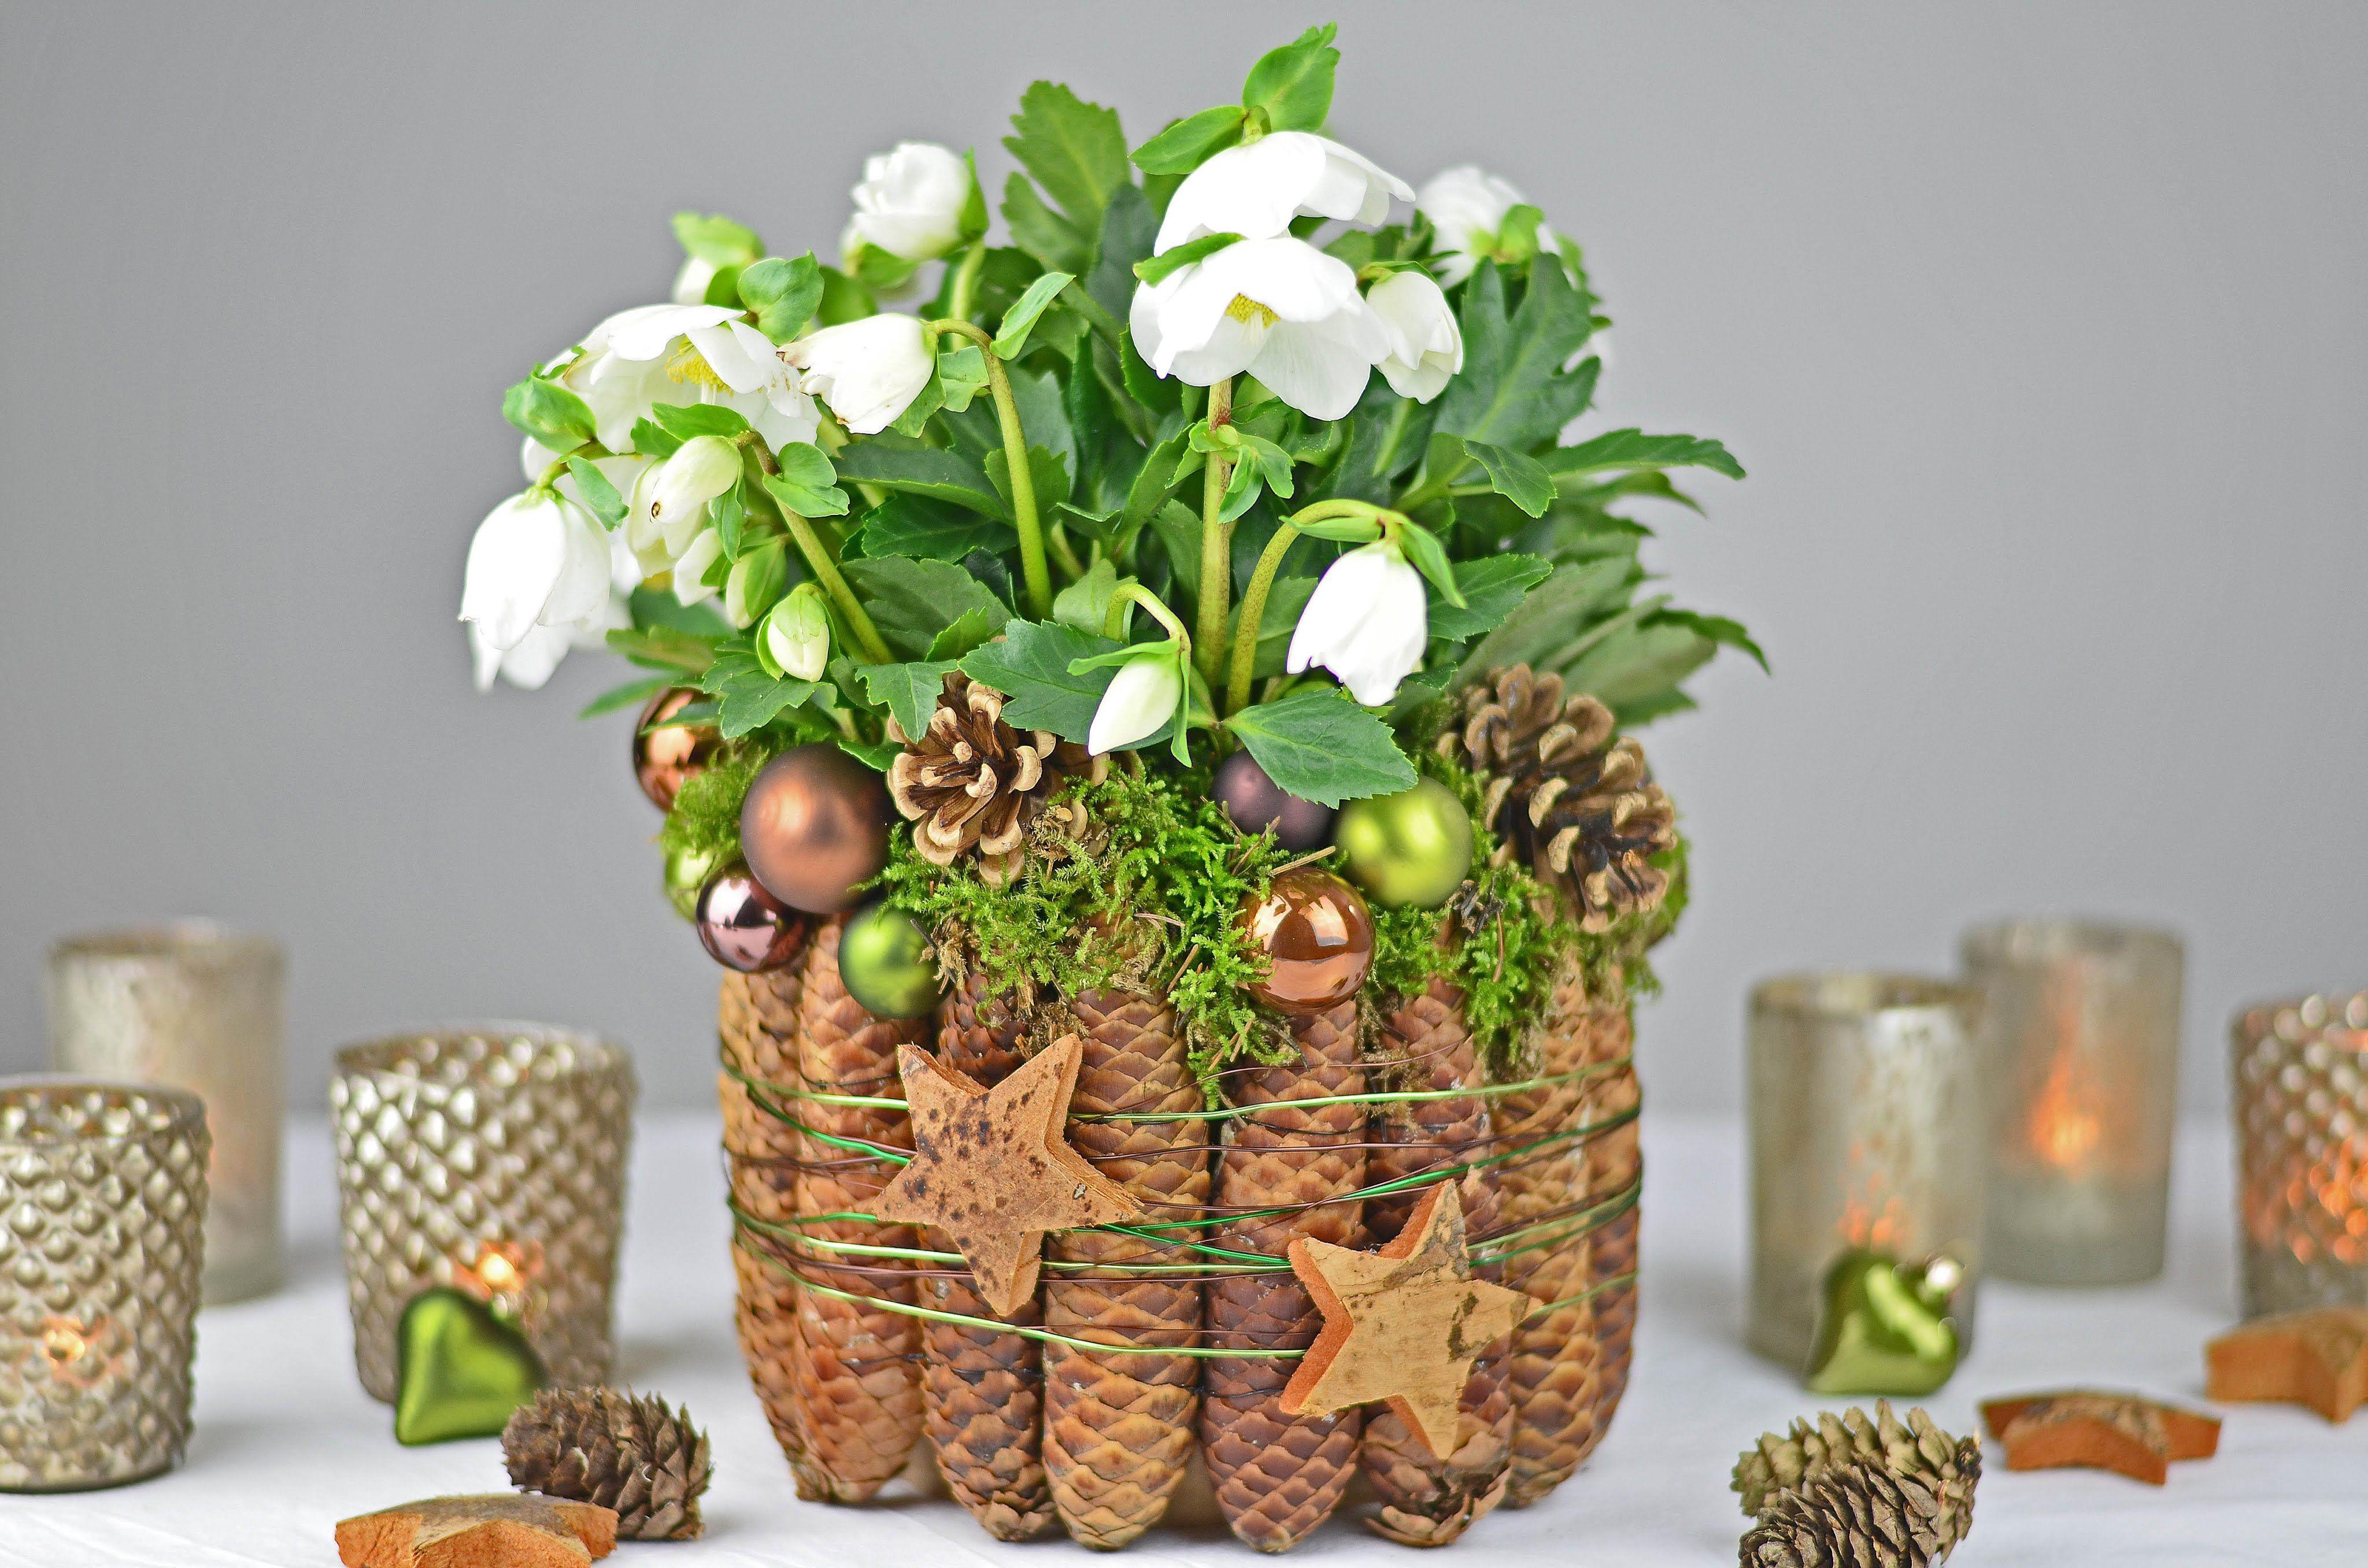 In Der Weihnachts- Und Winterdeko Sind Pflanzen Mit Weißen